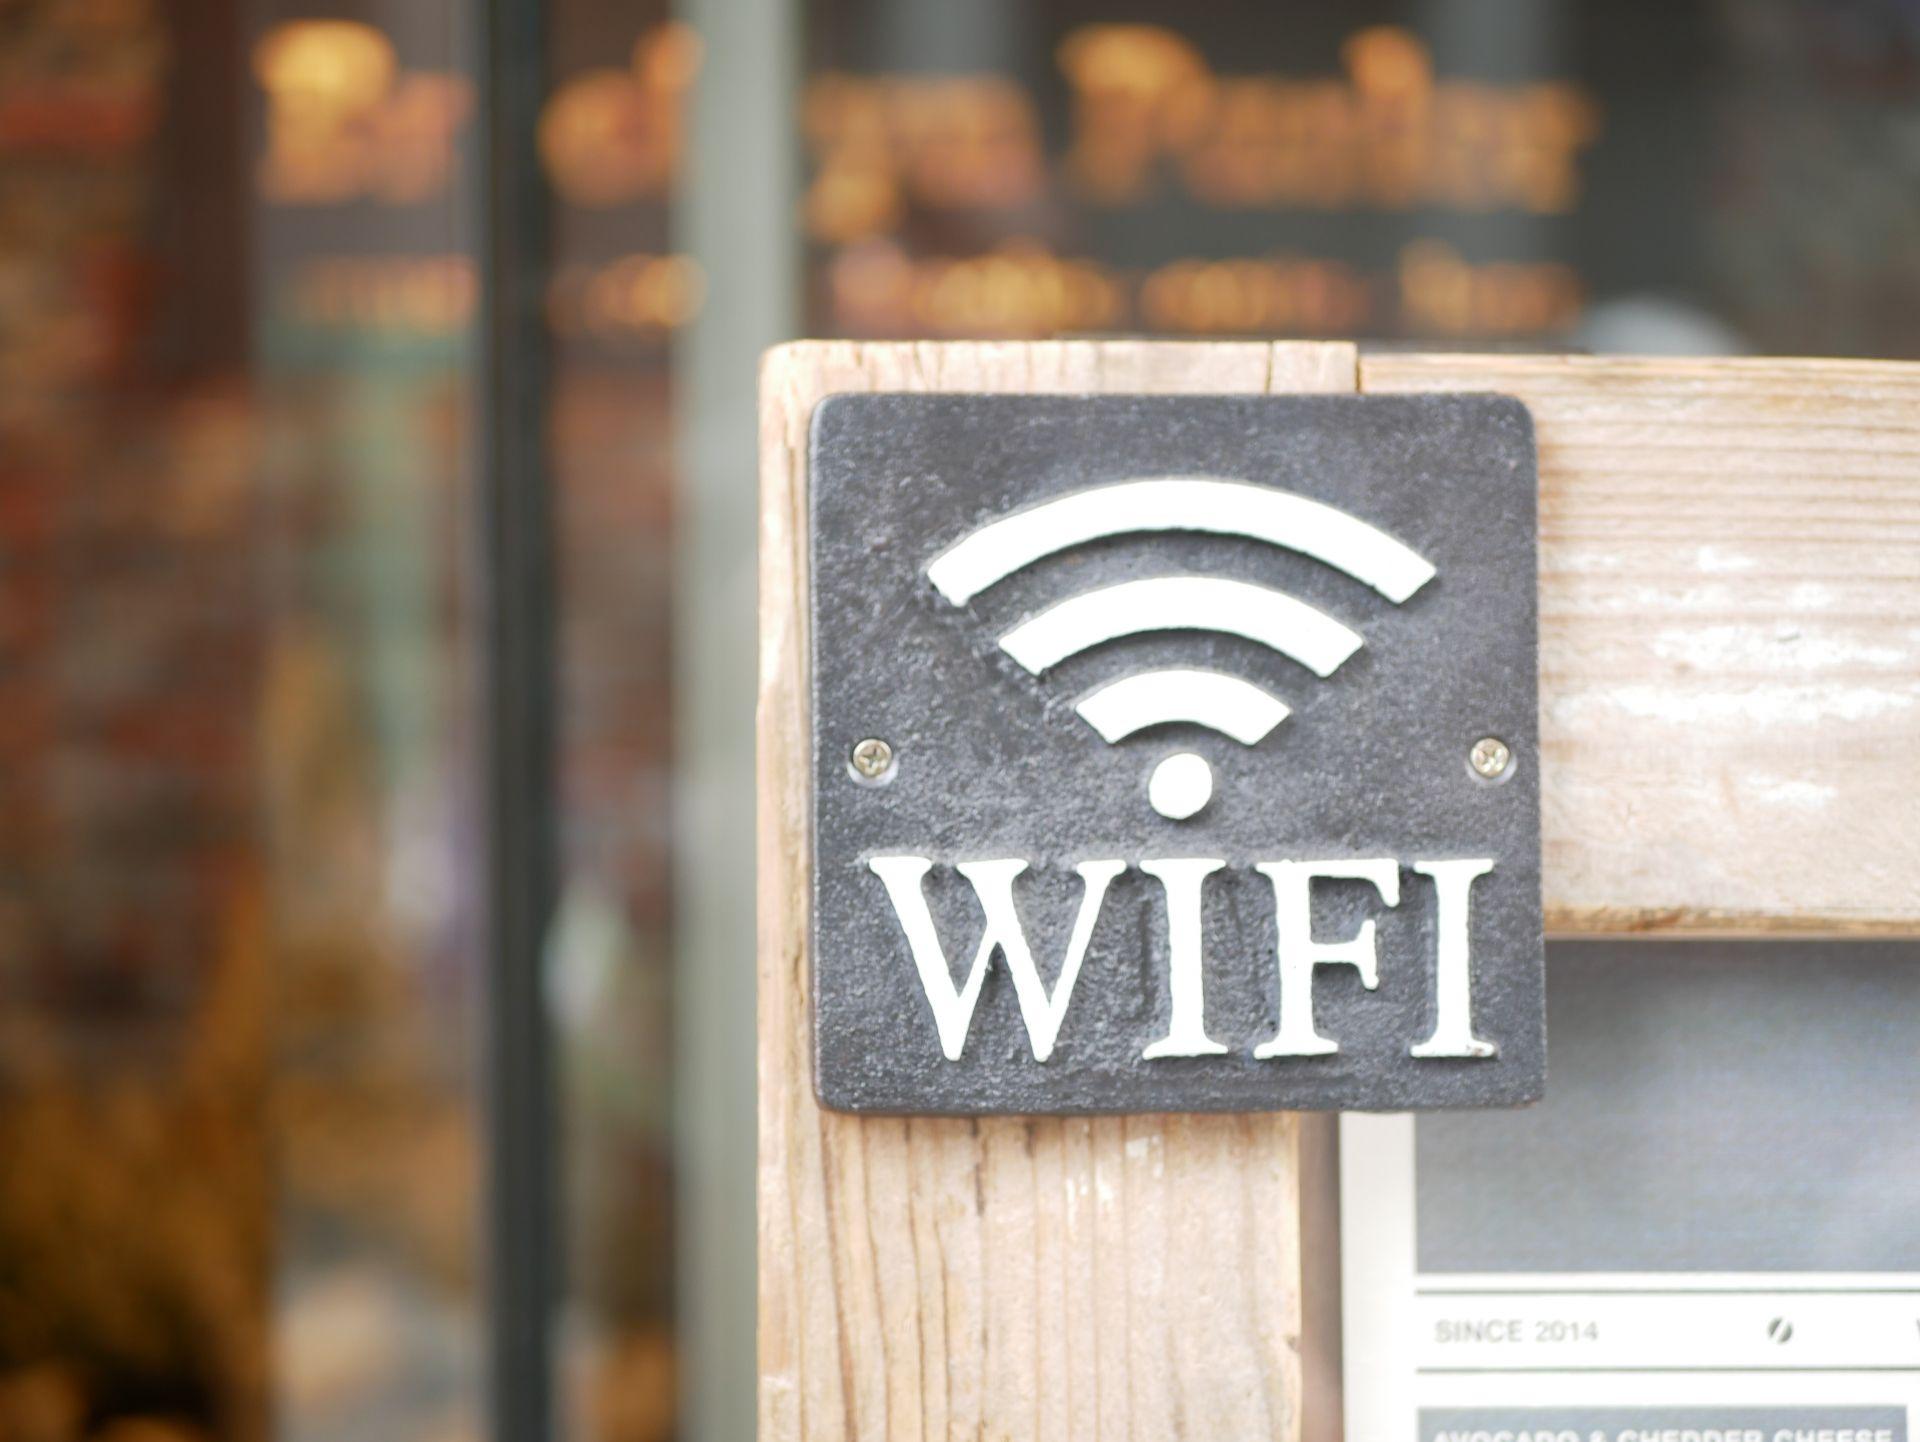 リノベしてから気付いた「忘れてた!」:Wi-Fi編